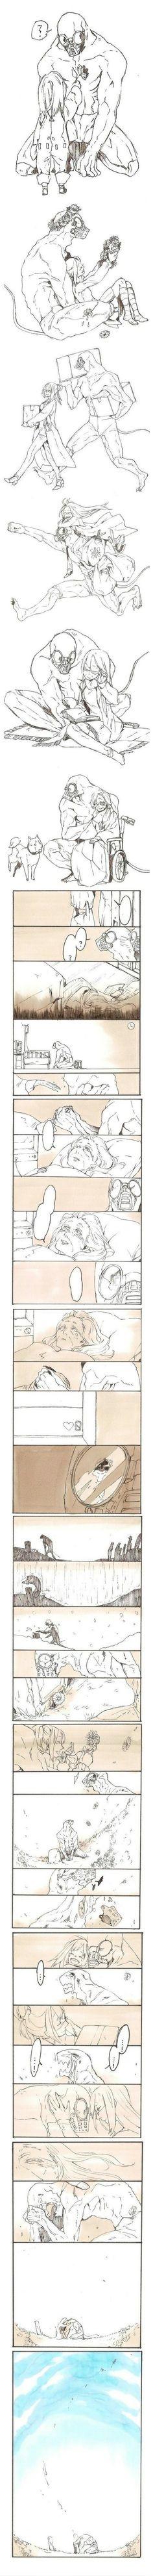 여자아이가 괴물과 함께 늙는 만화.manwha | Daum 루리웹